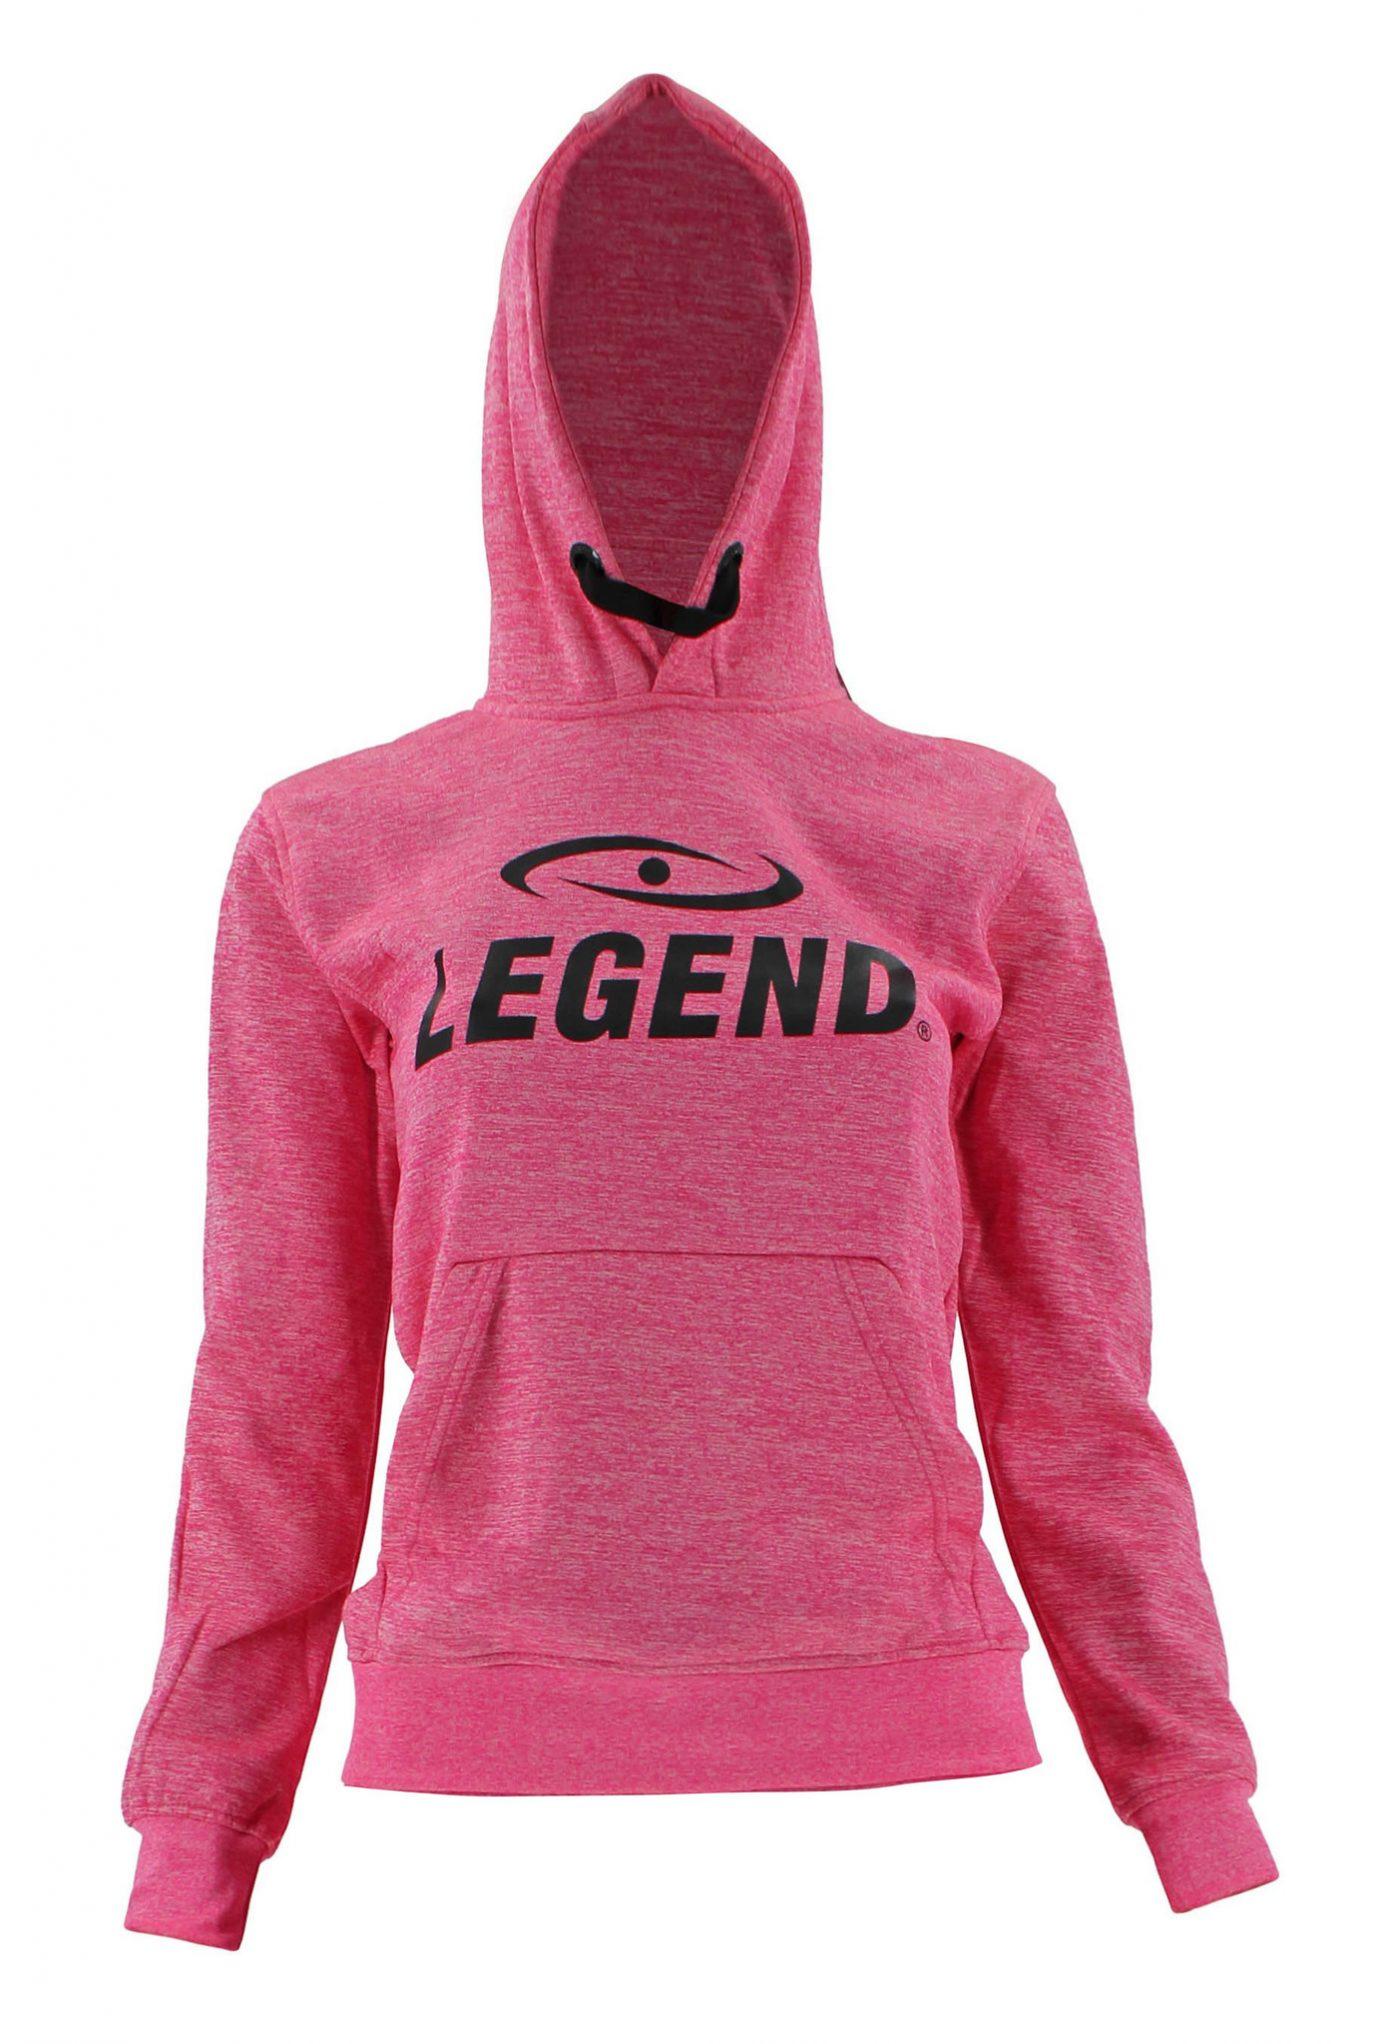 Hoodie dames/heren trendy Legend design Roze